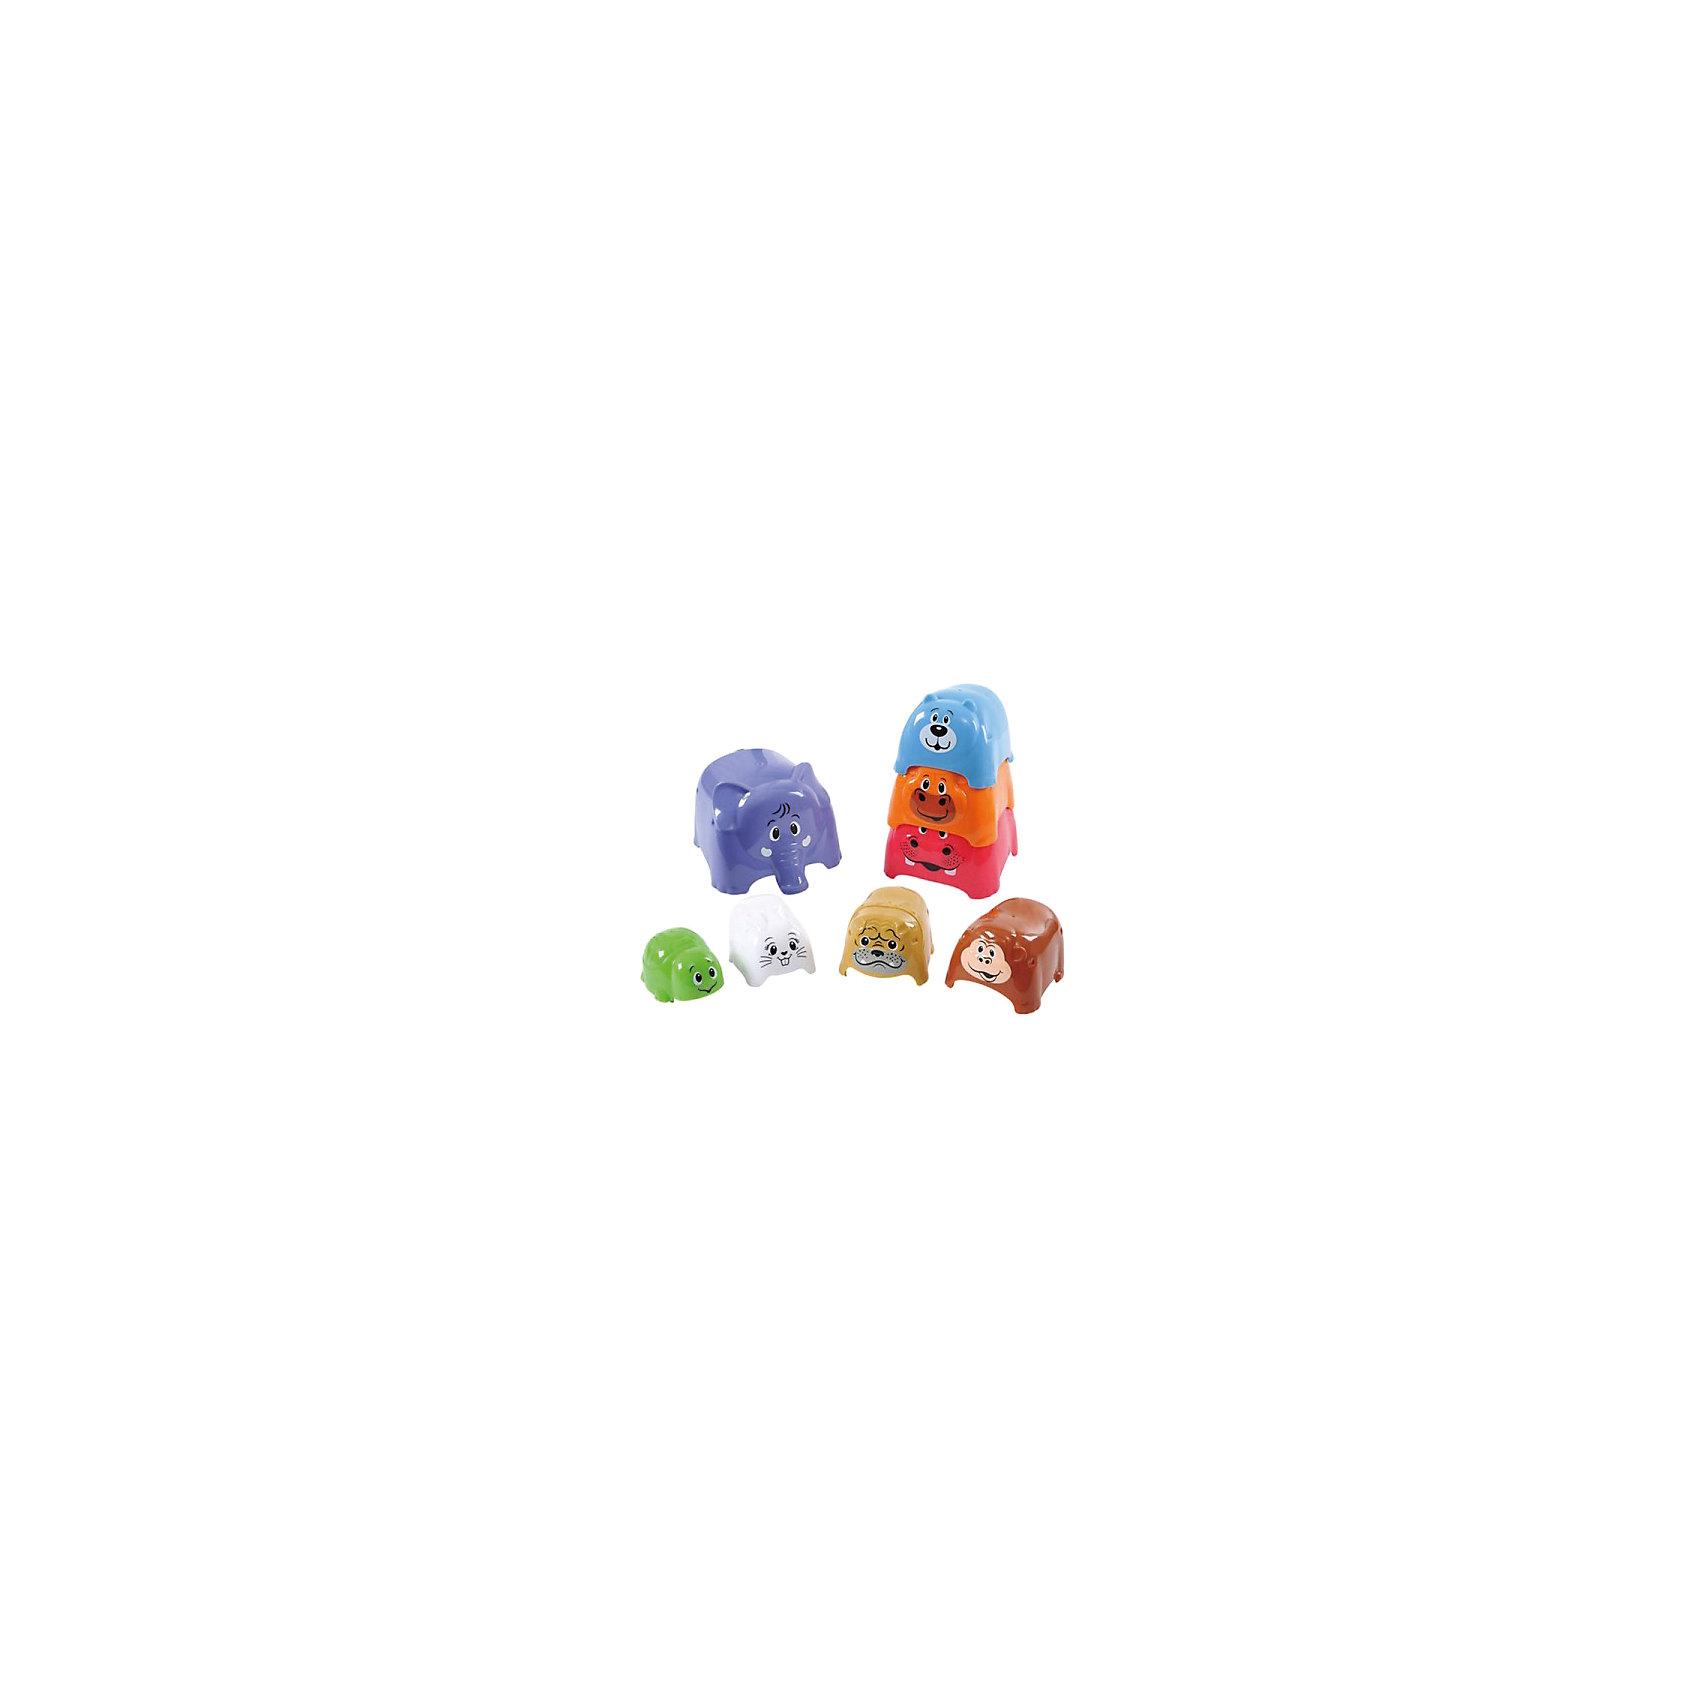 Игровой набор Формочки-животные, PlaygoРазвивающие игрушки<br>Игровой набор Формочки-животные, Playgo<br><br>Характеристики:<br>- В набор входит: 8 формочек<br>- Материал: пластик<br>- Размер самой большой формочки: 12 * 12 * 10 см.<br>- Вес: 500 гр.<br>Игровой набор Формочки-животные от известного китайского бренда развивающих игрушек для детей Playgo (Плейго) станет прекрасным подарком для крохи. Нестандартный вариант пирамидки развлечет ребенка и поможет ему выучить животных, играя с ними. Начиная от крошечной черепашки и до большого слона животные надеваются один на один и также легко складываются для удобного хранения. Изготовленная из качественного пластика, разноцветная игрушка способствует развитию логики, тактильных ощущений, воображения, цветового восприятия и моторики ручек. Небольшой размер позволит брать эту игрушку на прогулку, в песочницу и в поездку.<br>Игровой набор Формочки-животные, Playgo (Плейго) можно купить в нашем интернет-магазине.<br>Подробнее:<br>• Для детей в возрасте: от 12 до 36 месяцев<br>• Номер товара: 5054072<br>Страна производитель: Китай<br><br>Ширина мм: 240<br>Глубина мм: 240<br>Высота мм: 140<br>Вес г: 532<br>Возраст от месяцев: 12<br>Возраст до месяцев: 36<br>Пол: Унисекс<br>Возраст: Детский<br>SKU: 5054072